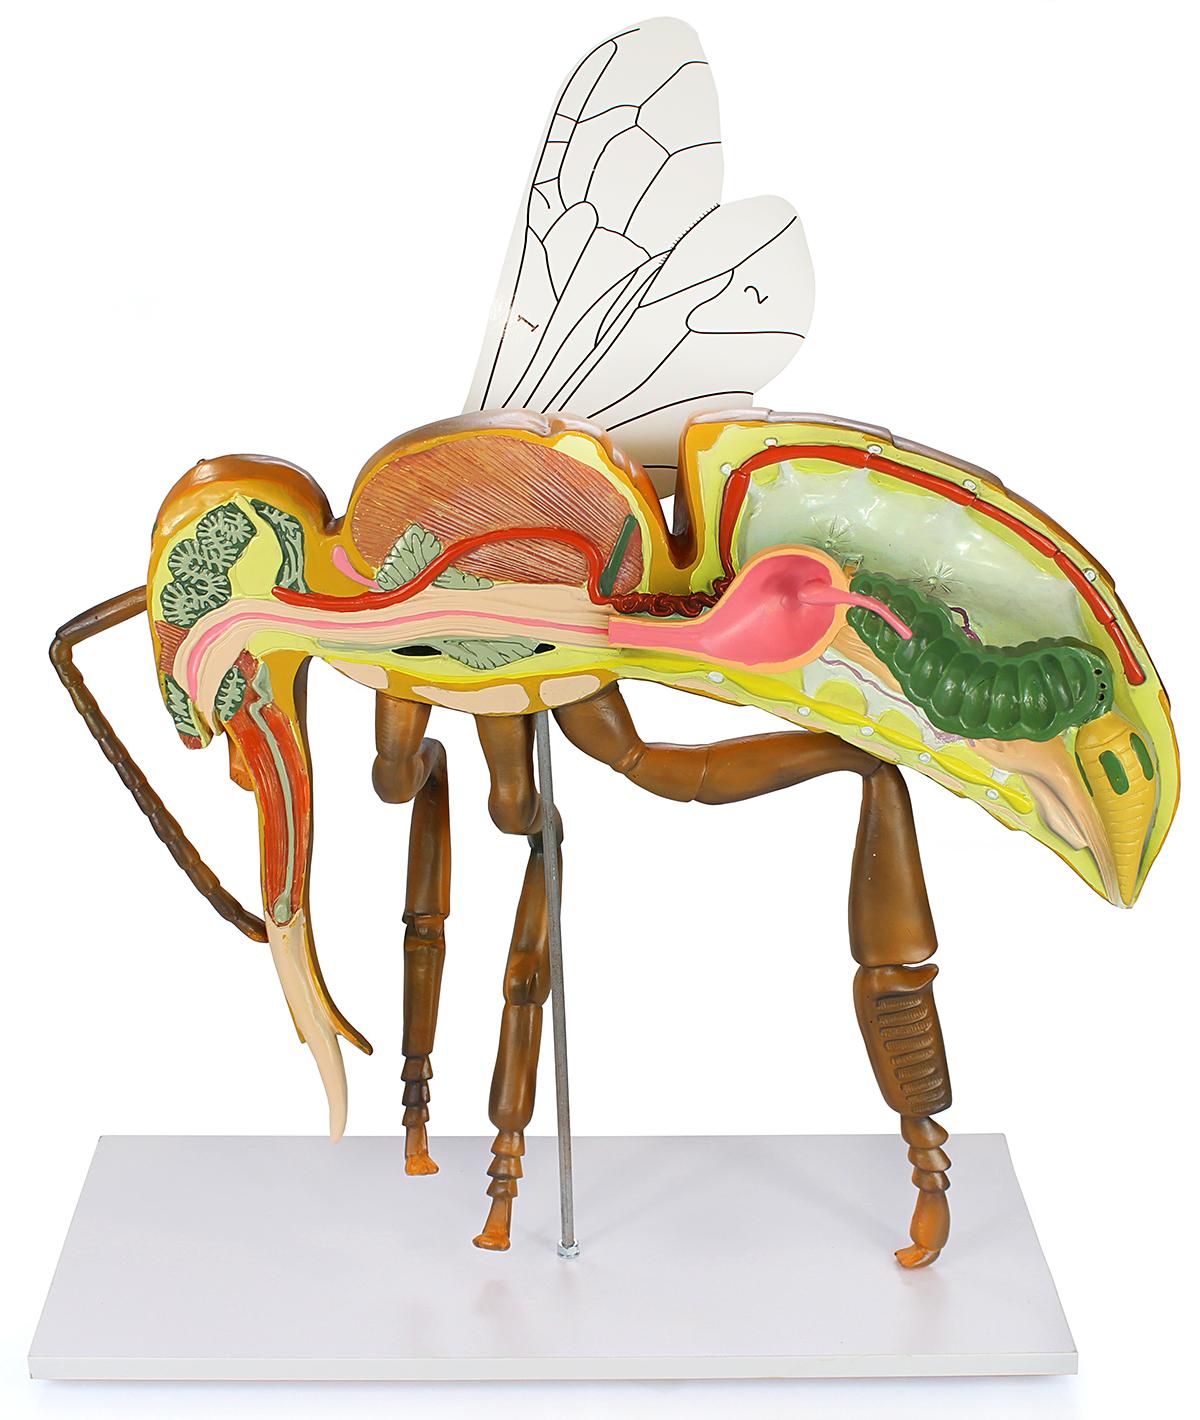 Holtermann Imker-Shop - Modell Anatomie der Honigbiene